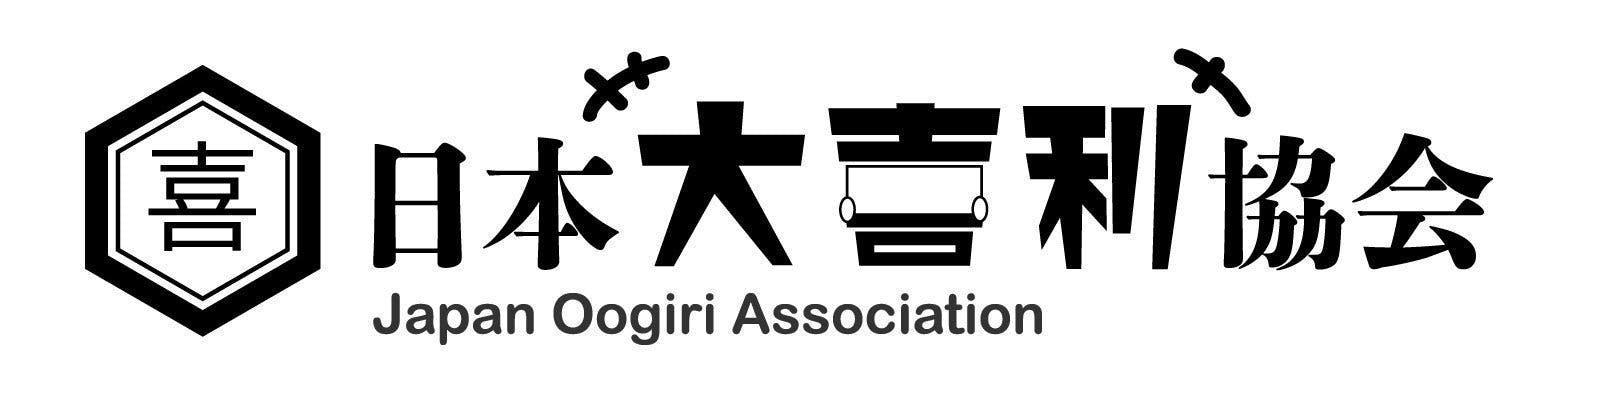 大喜利協会ロゴ